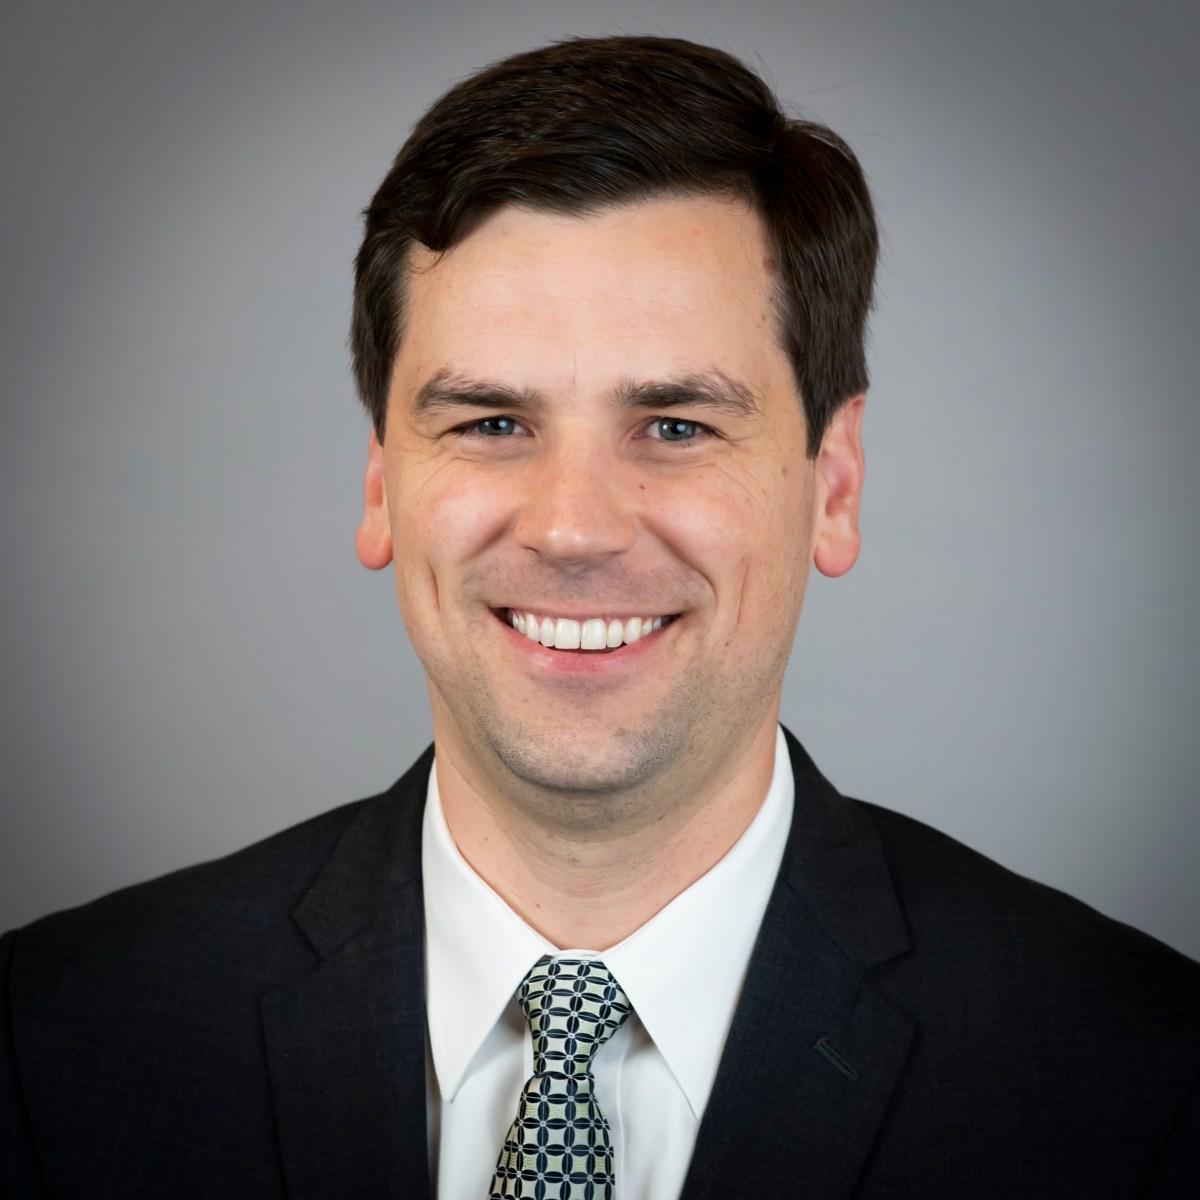 Mitch Klunder